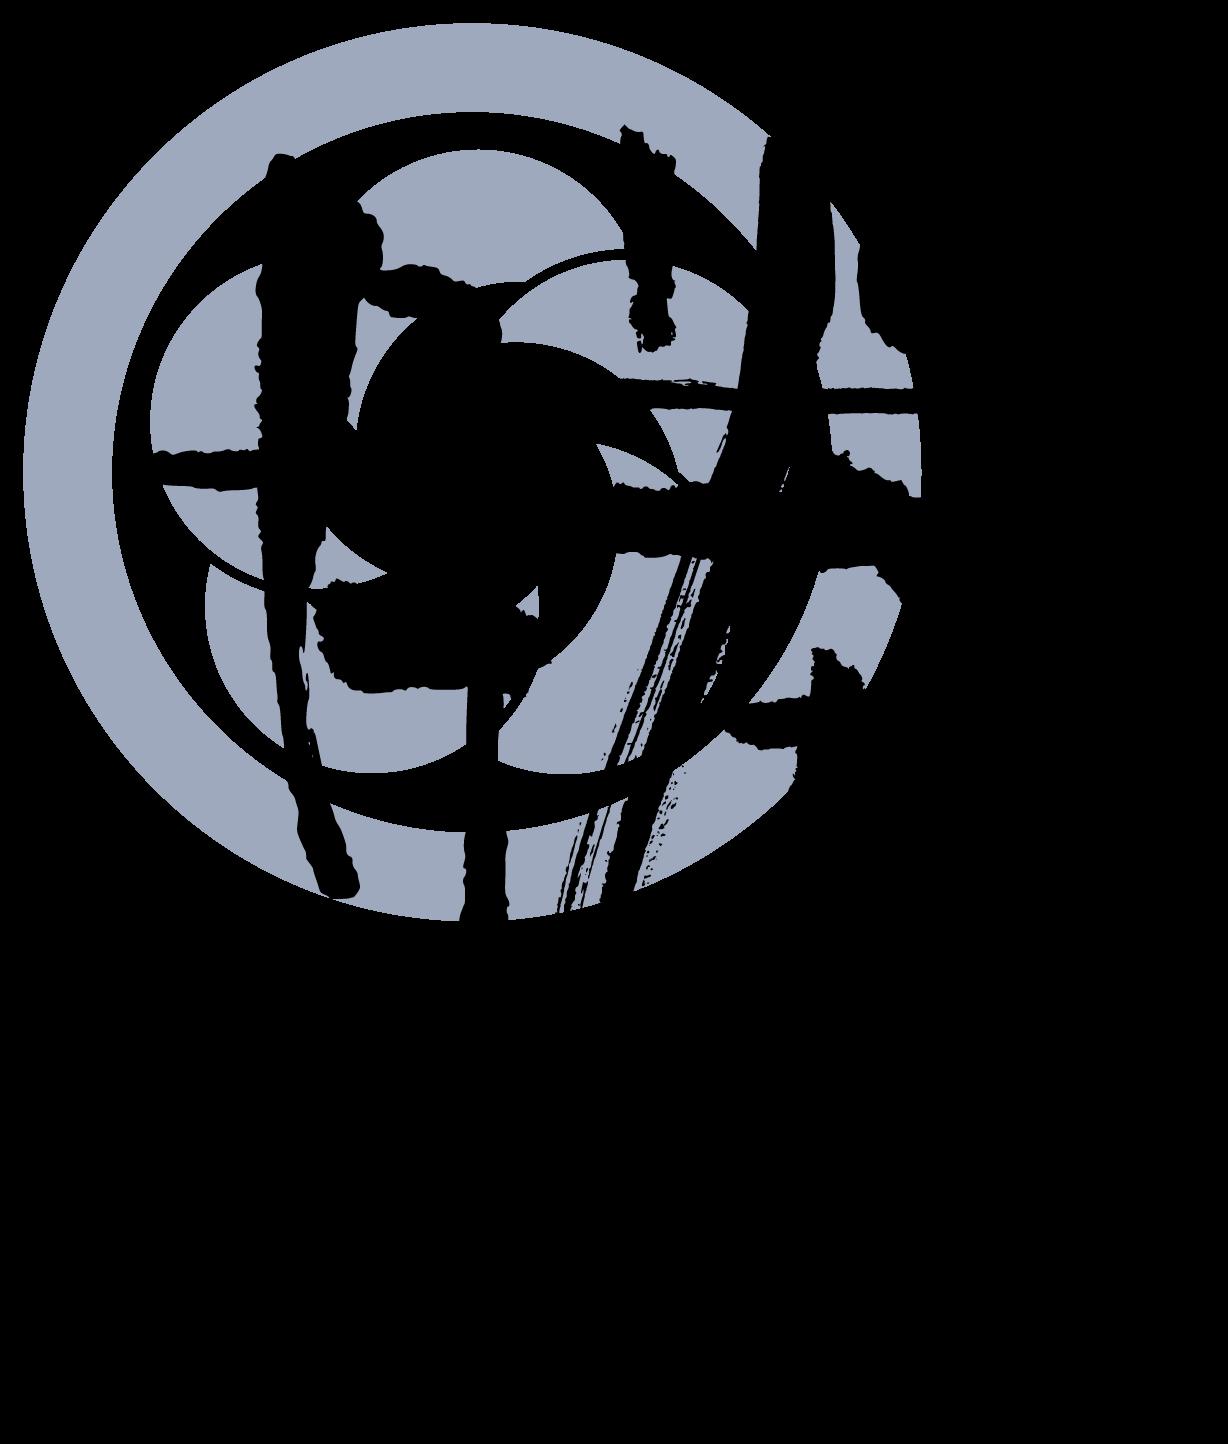 商社/卸売業と和風/筆タッチと黒のロゴ